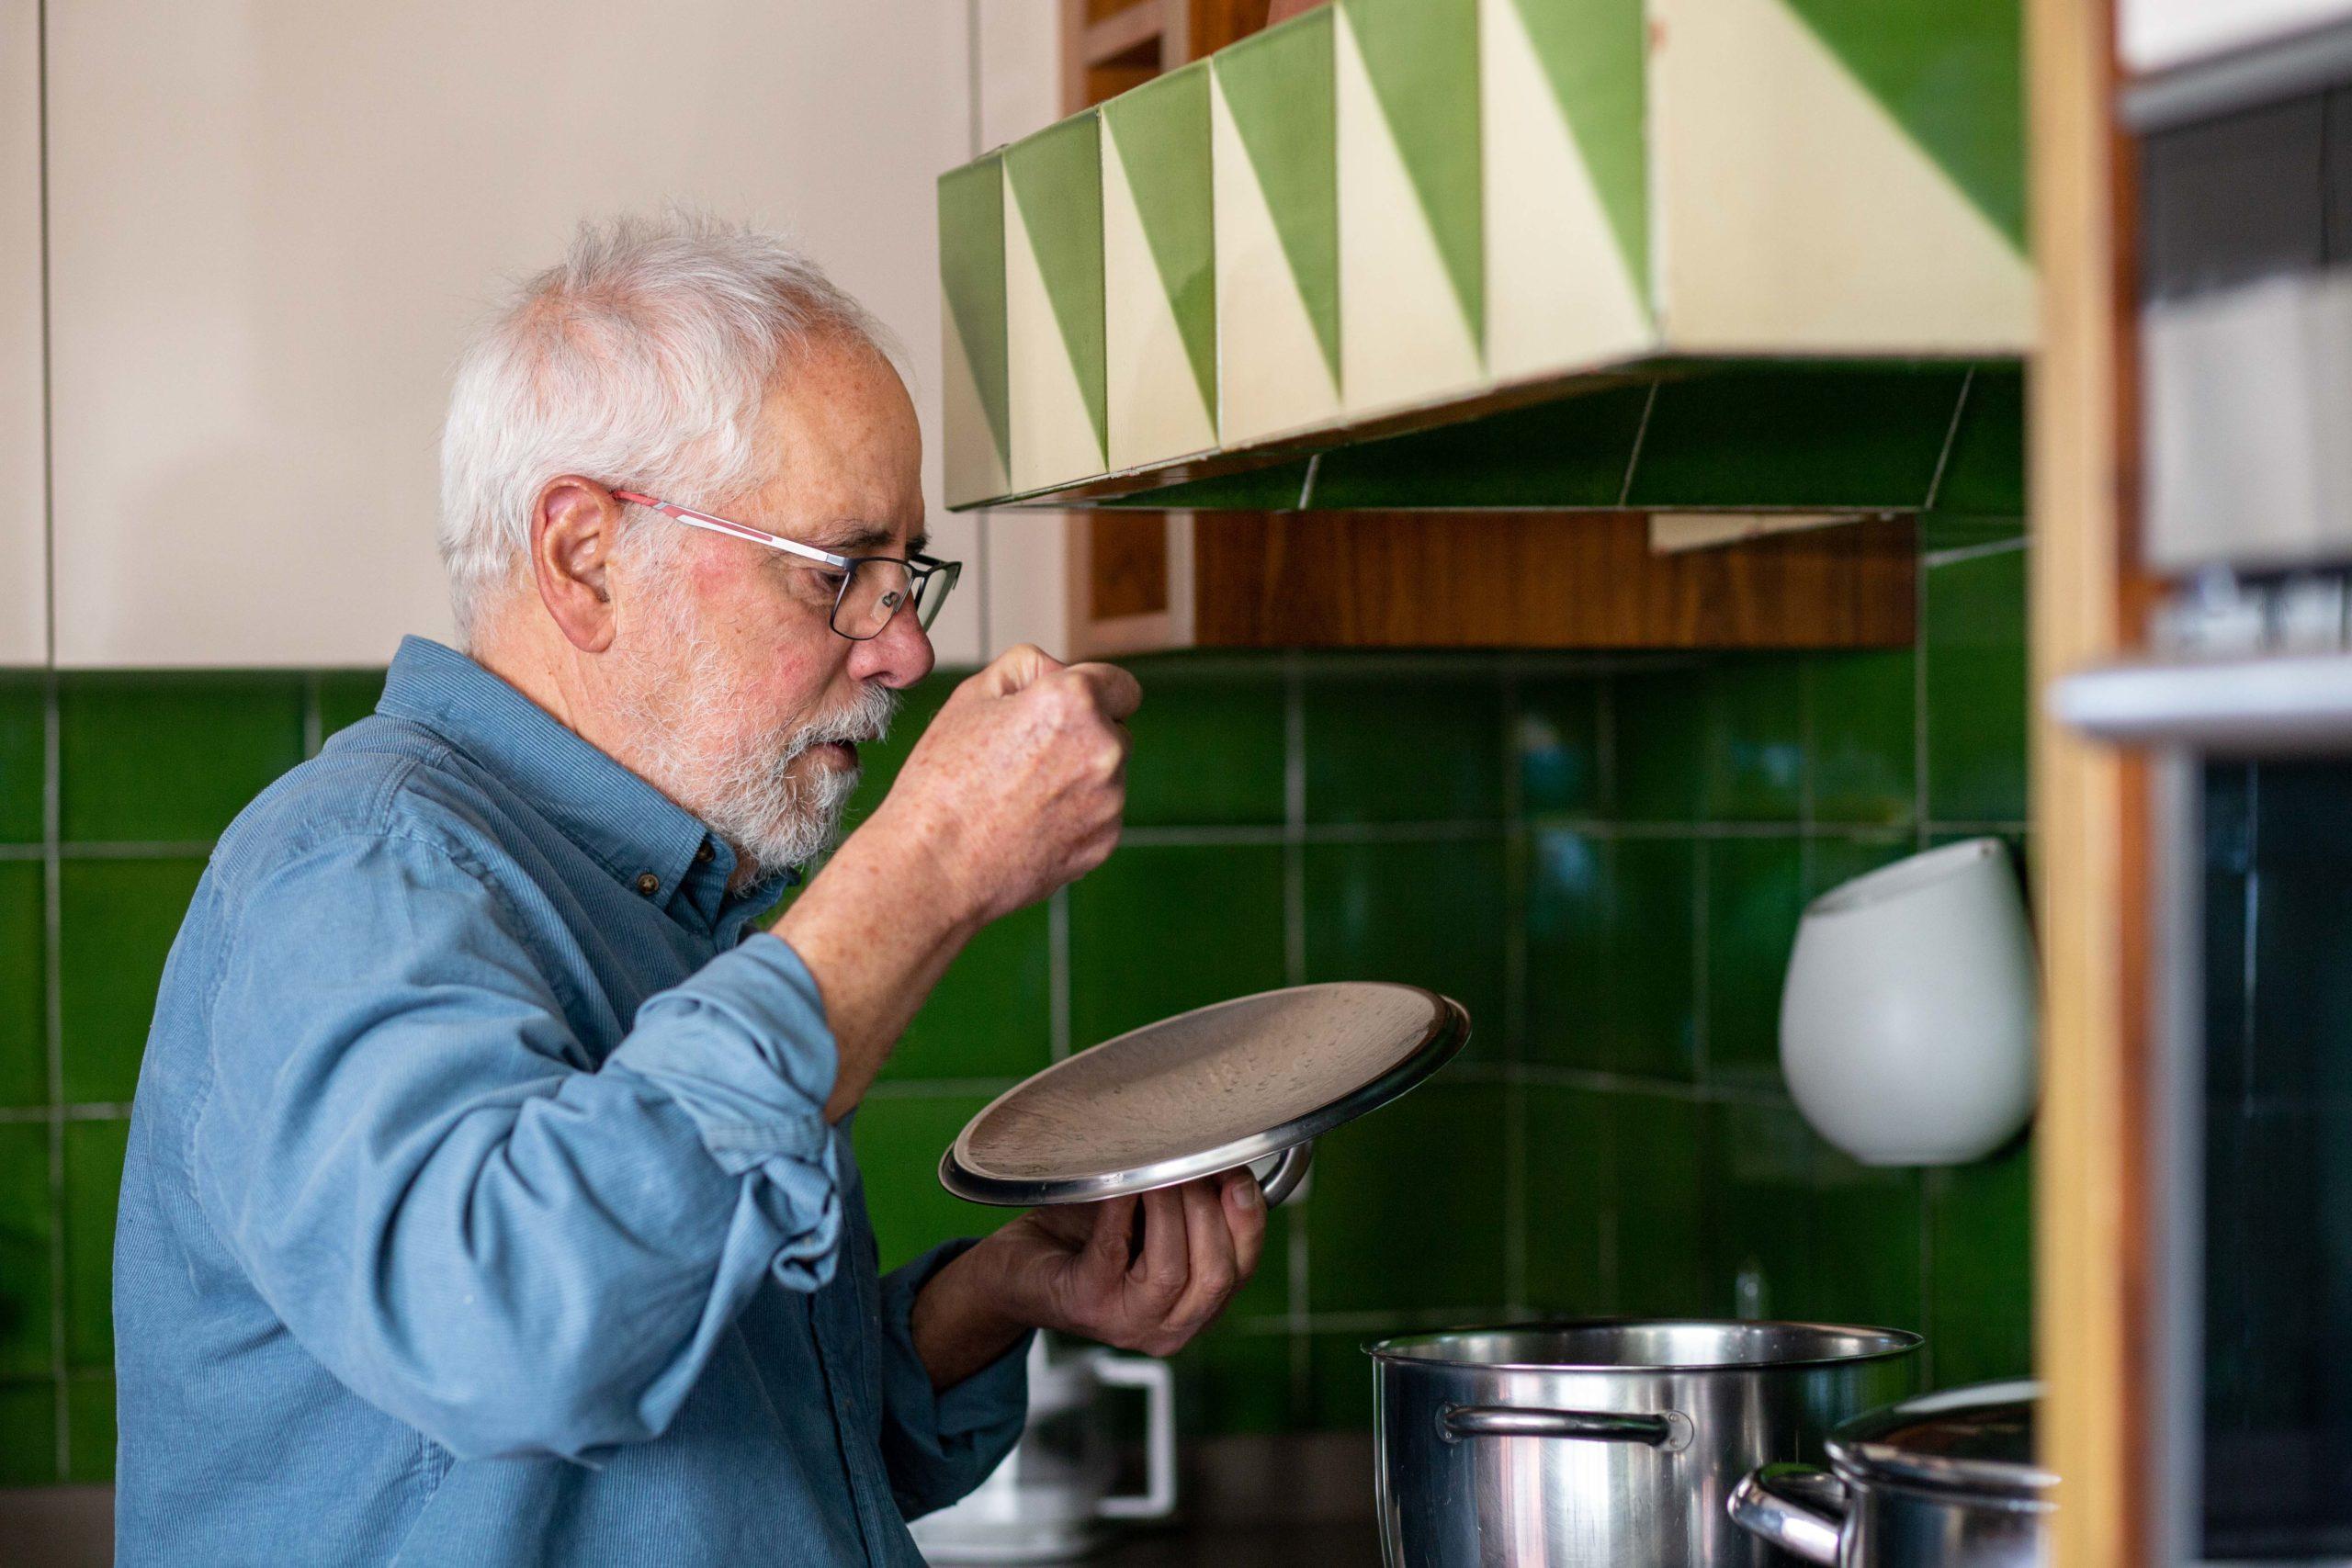 Home tastant el menjar d'una olla a la cuina